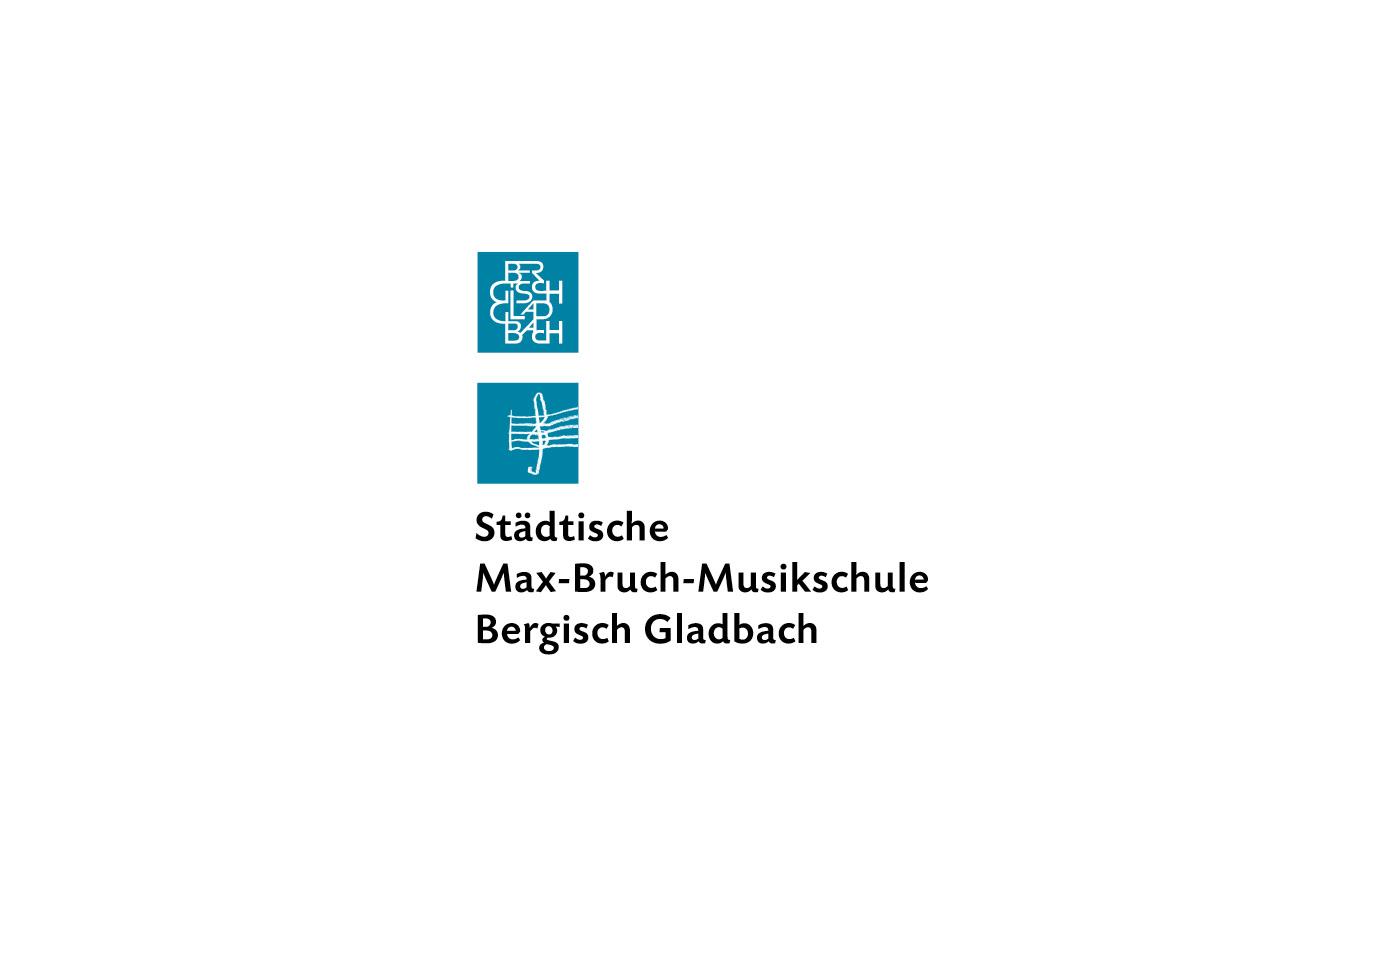 Städtische Max-Bruch-Musikschule Bergisch Gladbach